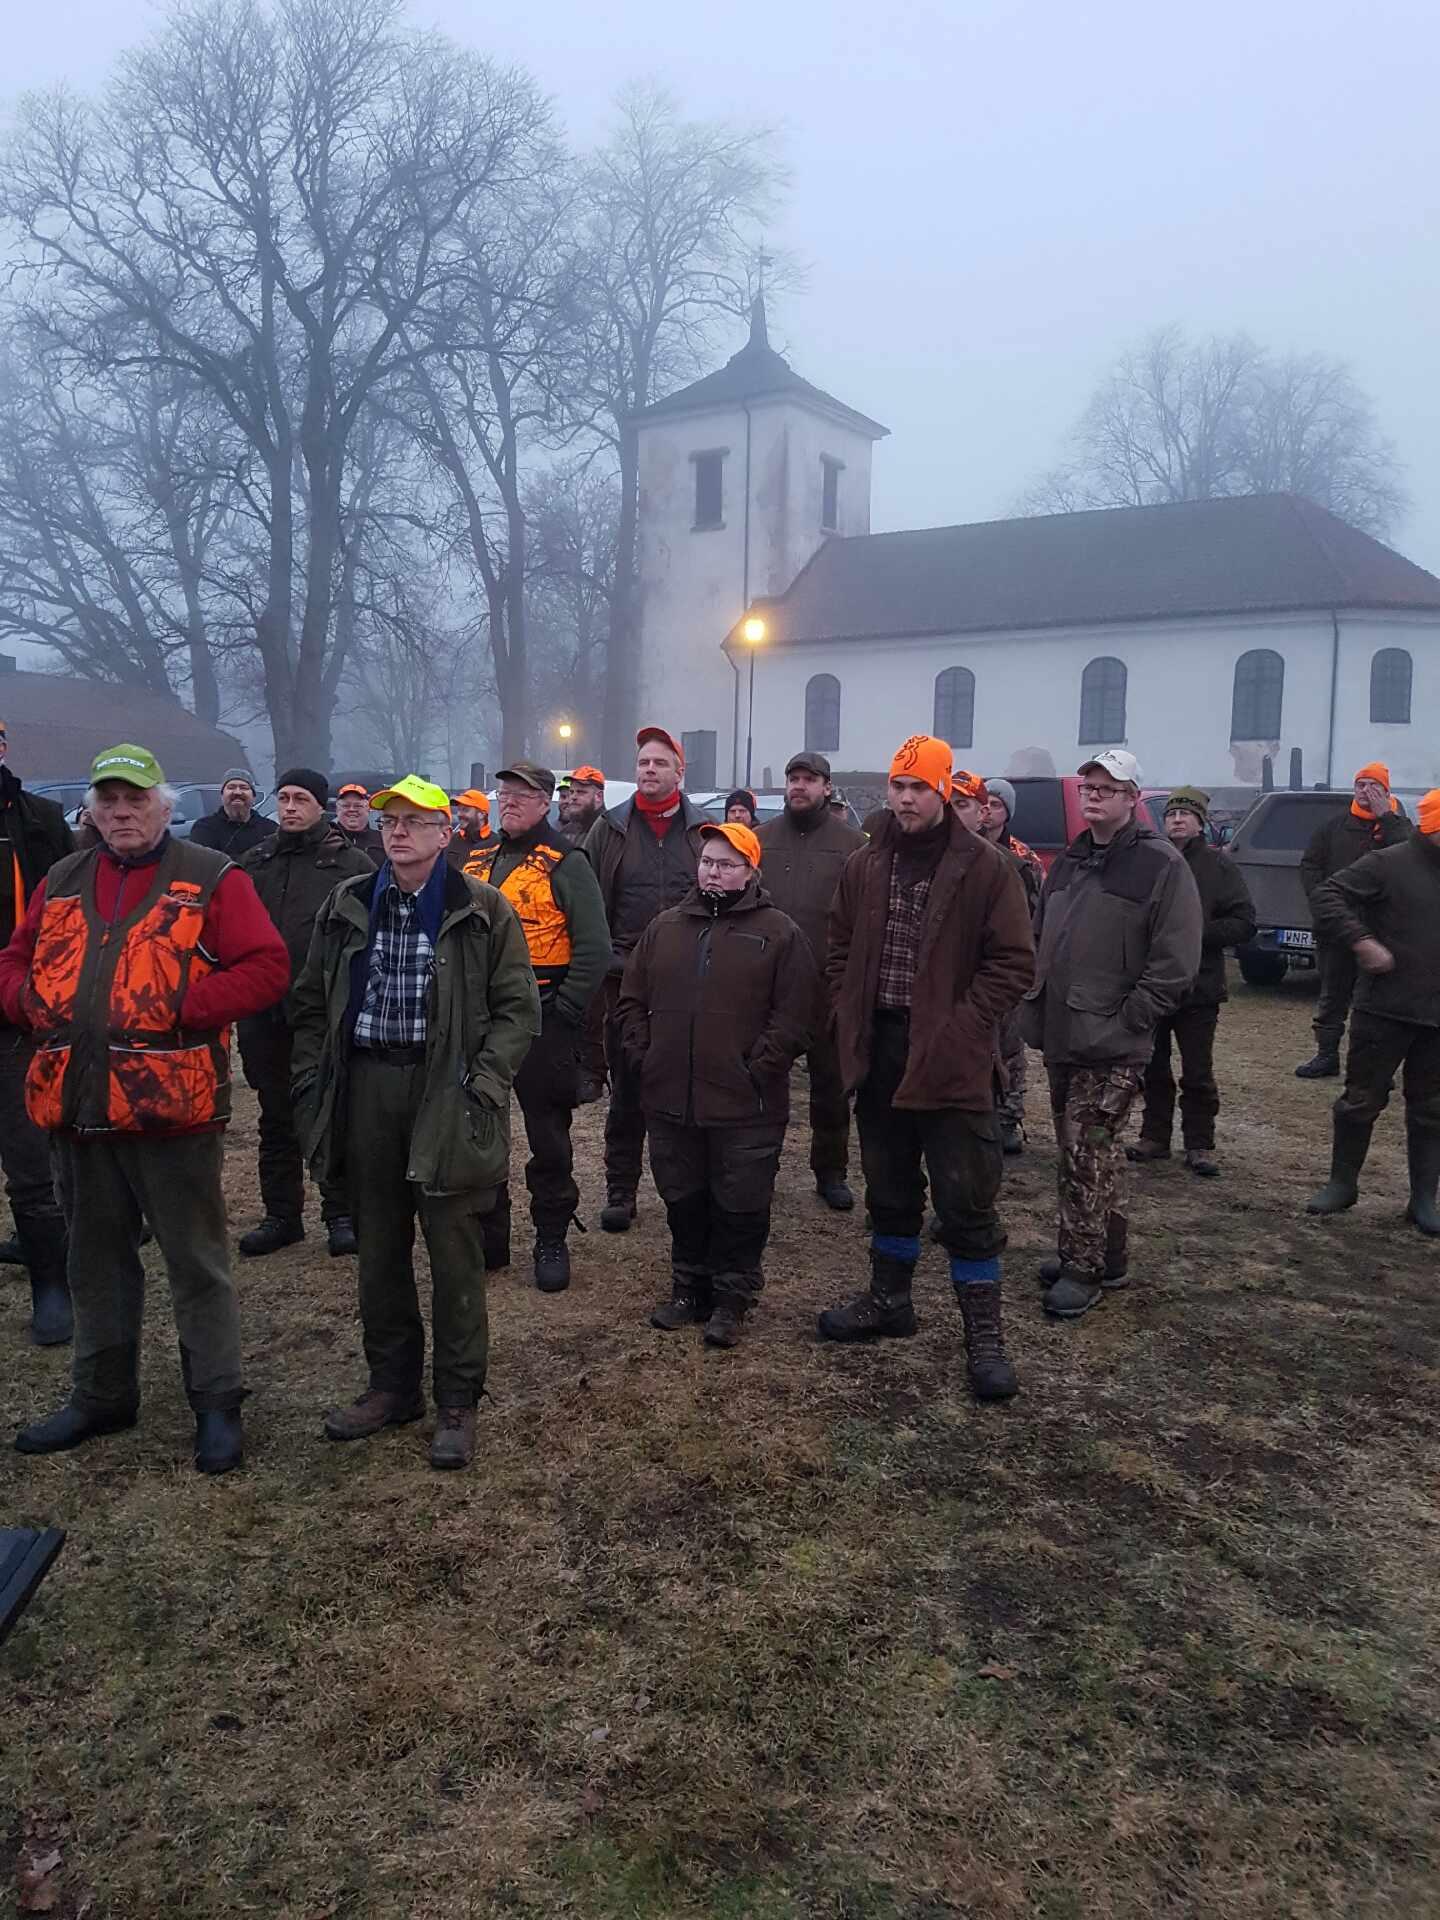 Rävjakt på Stora Ek, 17-19 februari 2017.